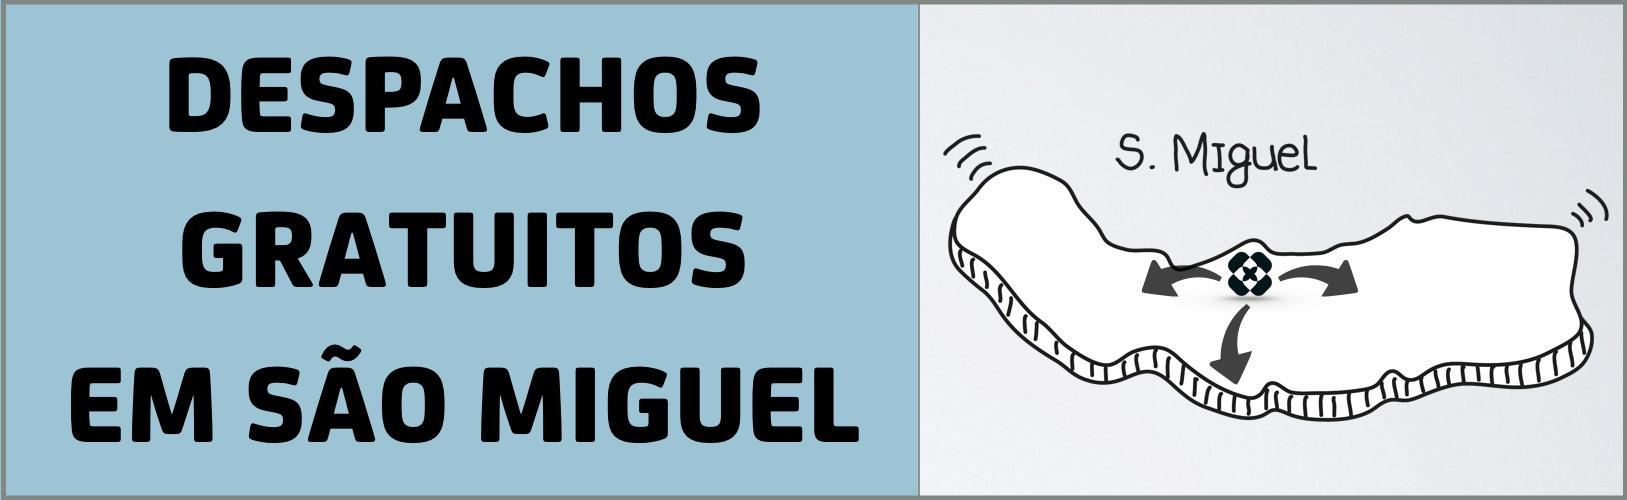 PUB MIGUELINOS - SMALL BANNER